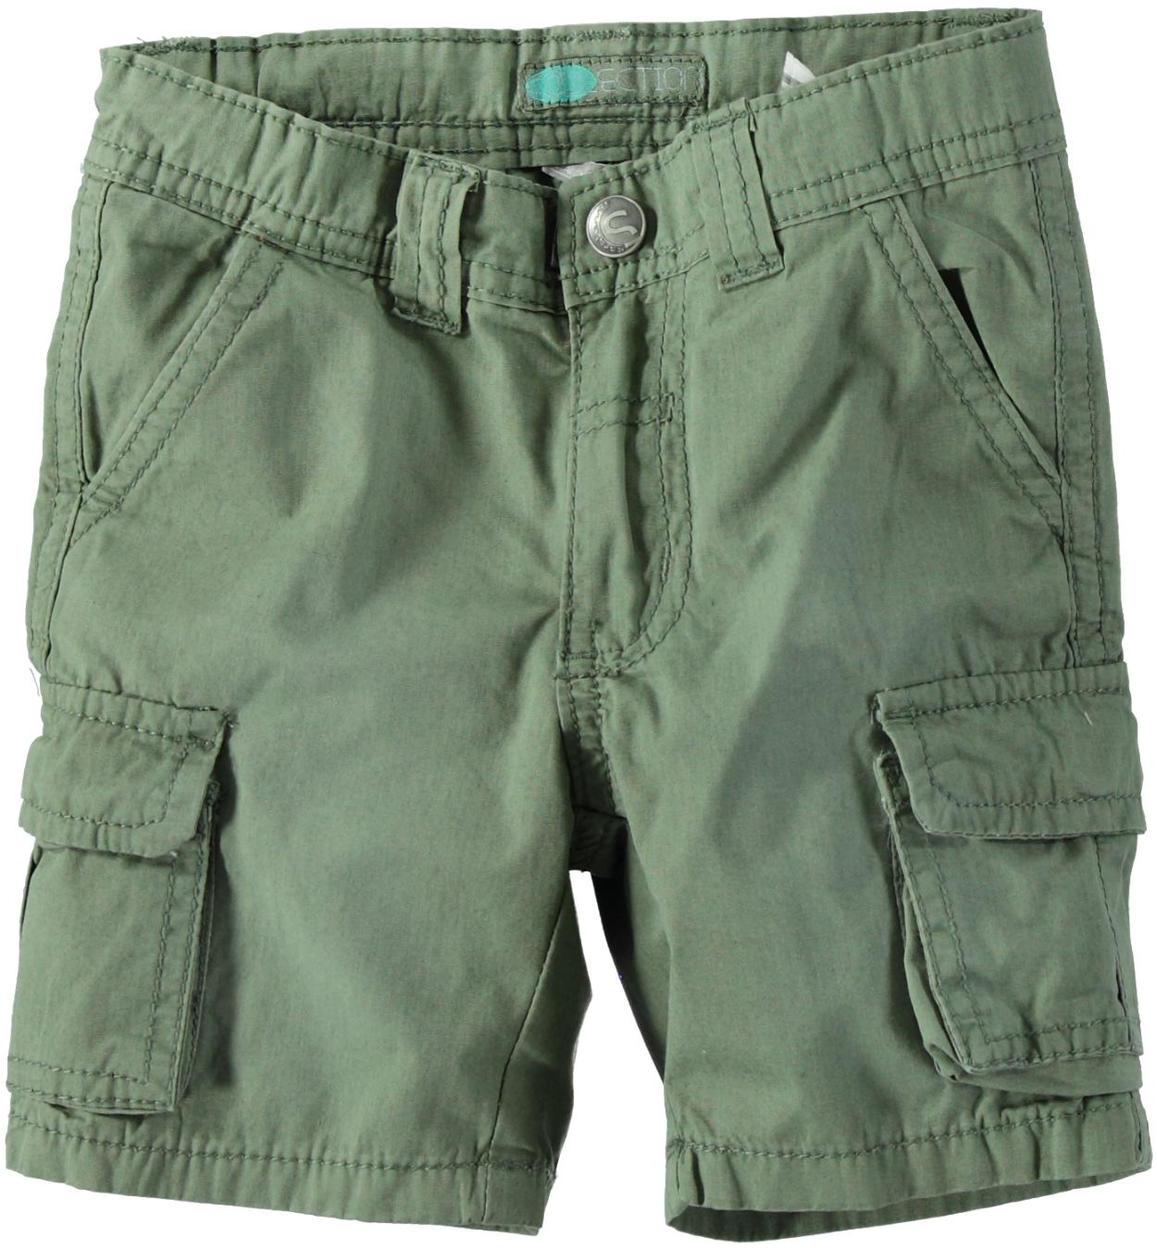 a96a643099 Pantaloncino modello cargo in popeline 100% cotone per bambino da 6 mesi a  7 anni Sarabanda